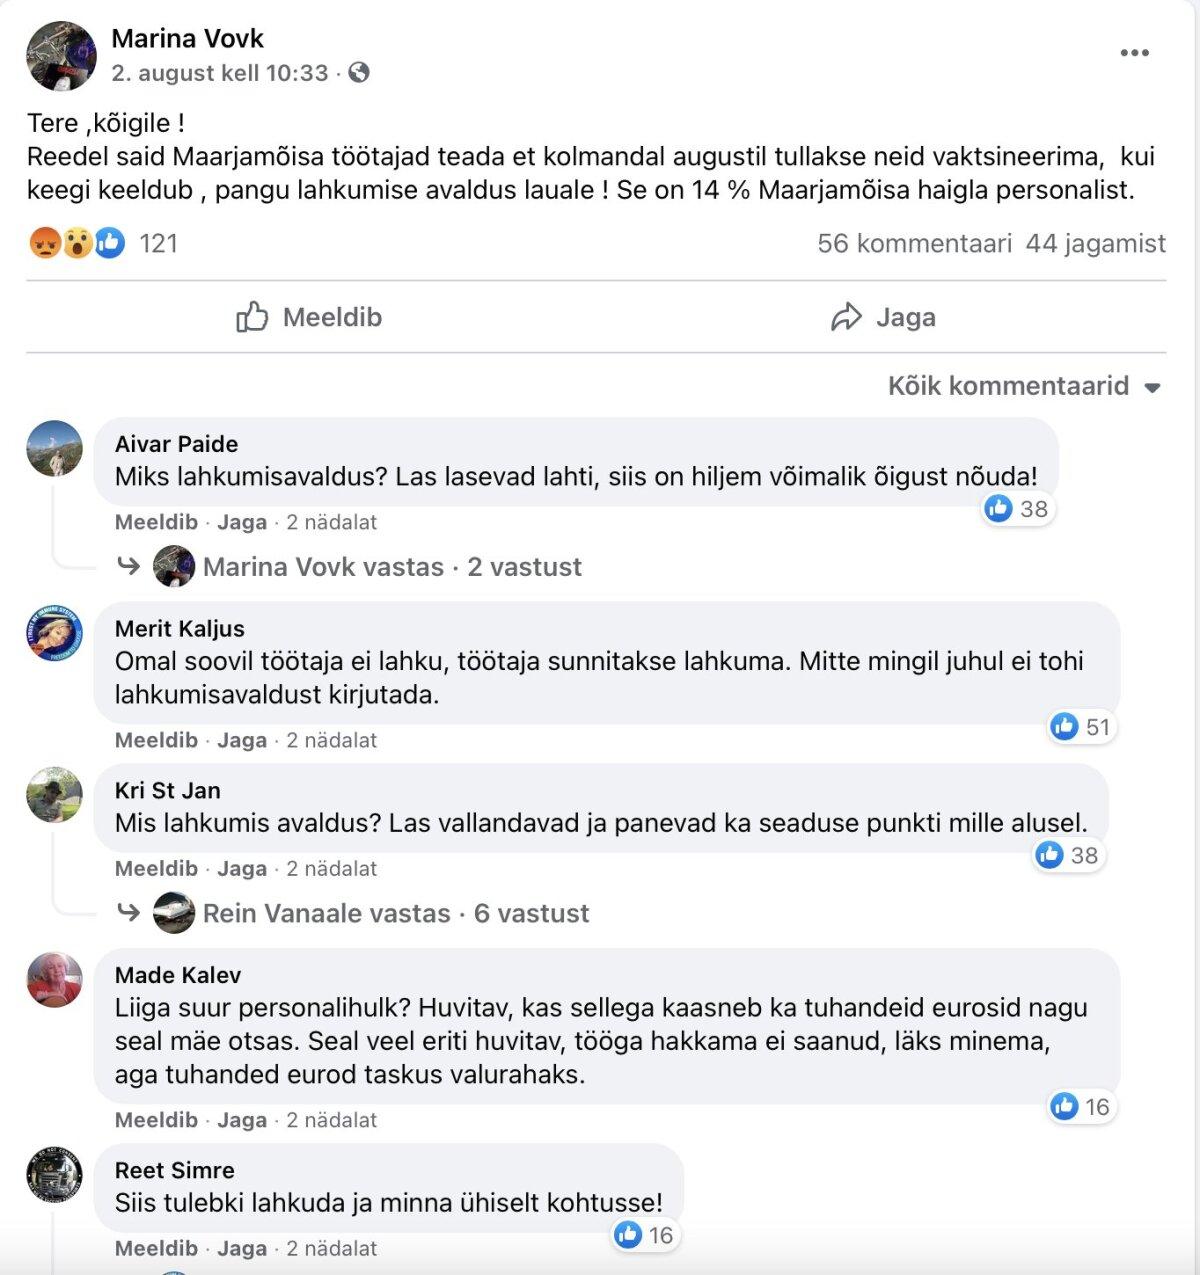 Sellised avaldused on sotsiaalmeedias levinud. Millal on tööandjal õigus vaktsineerimata inimest vallandada?